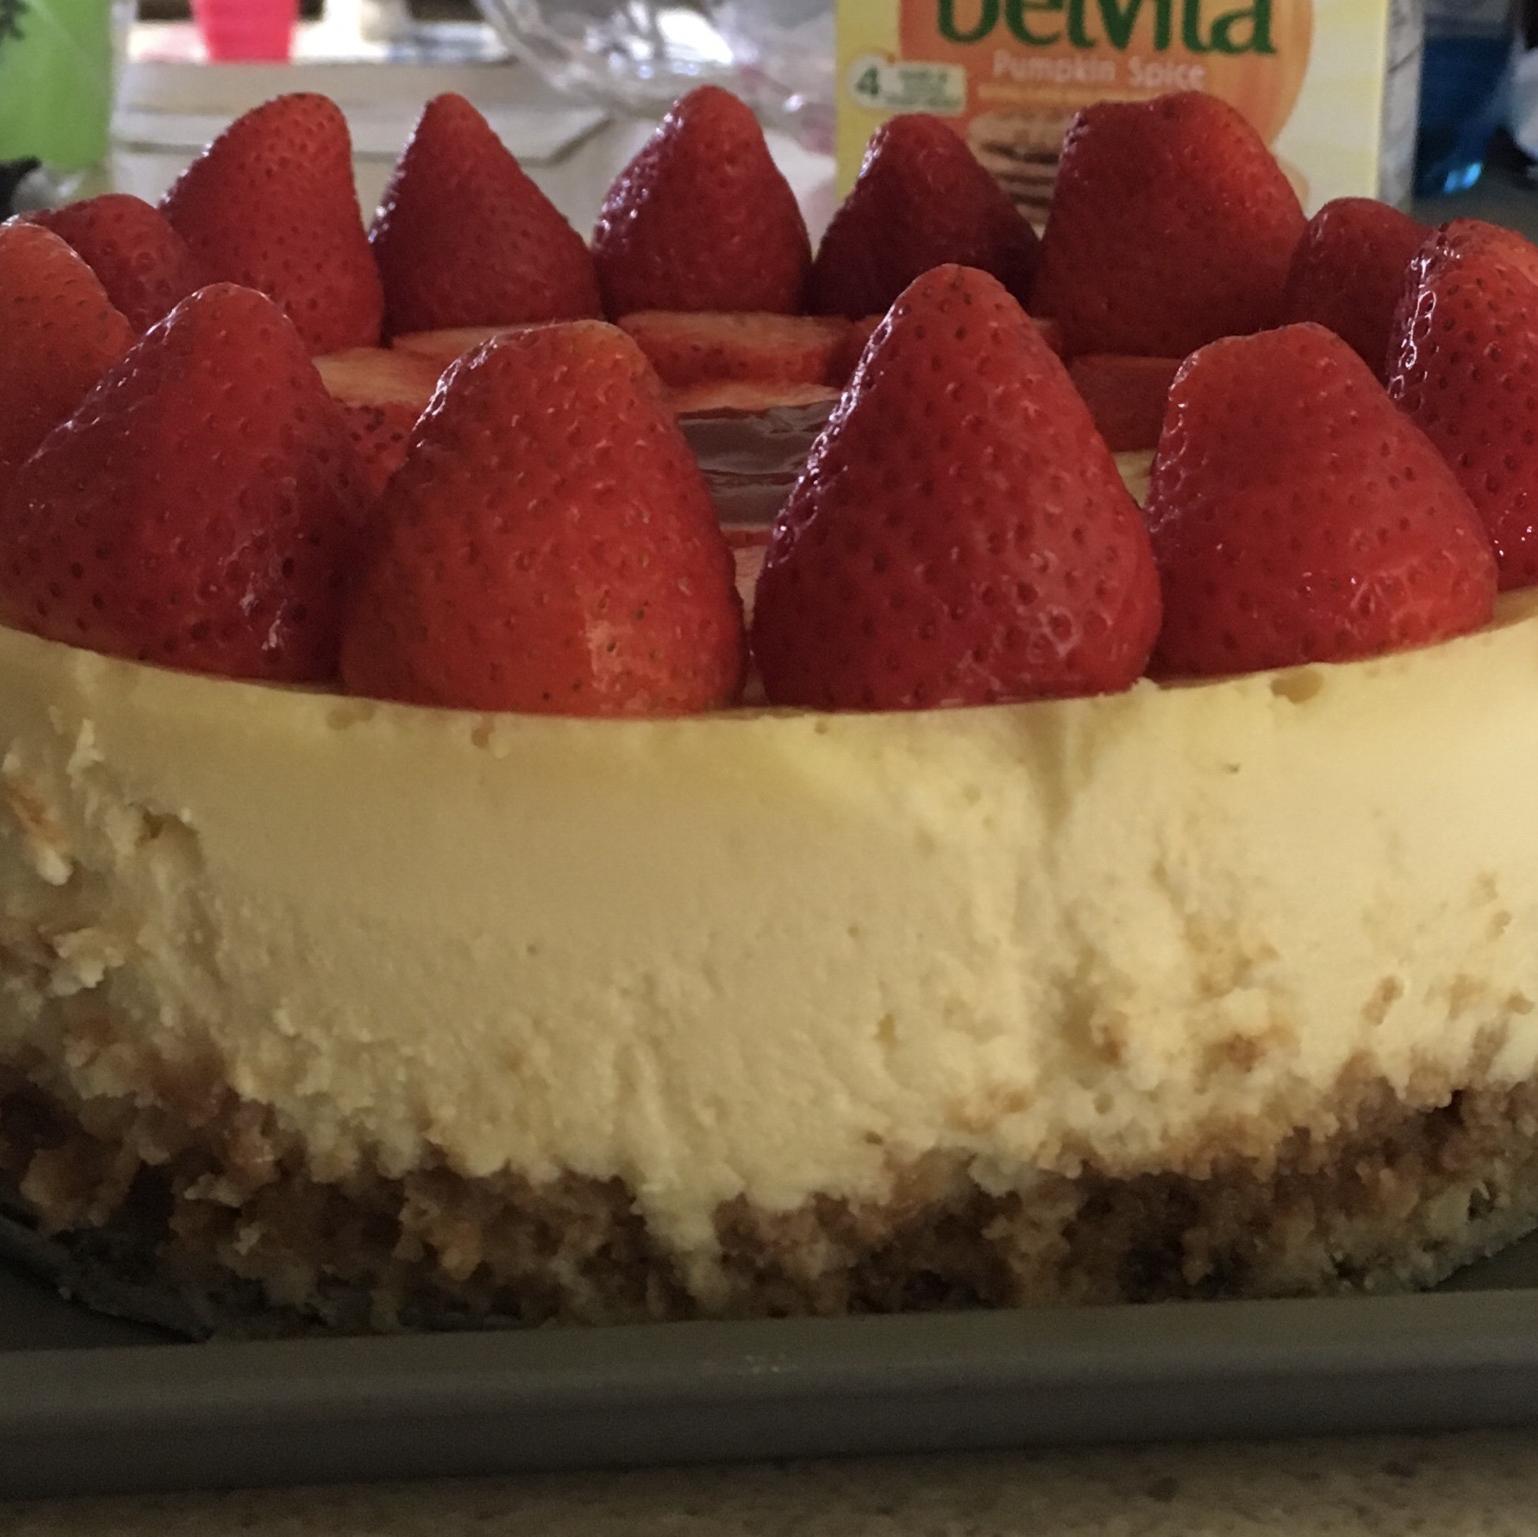 Cheesecake Supreme Kainui